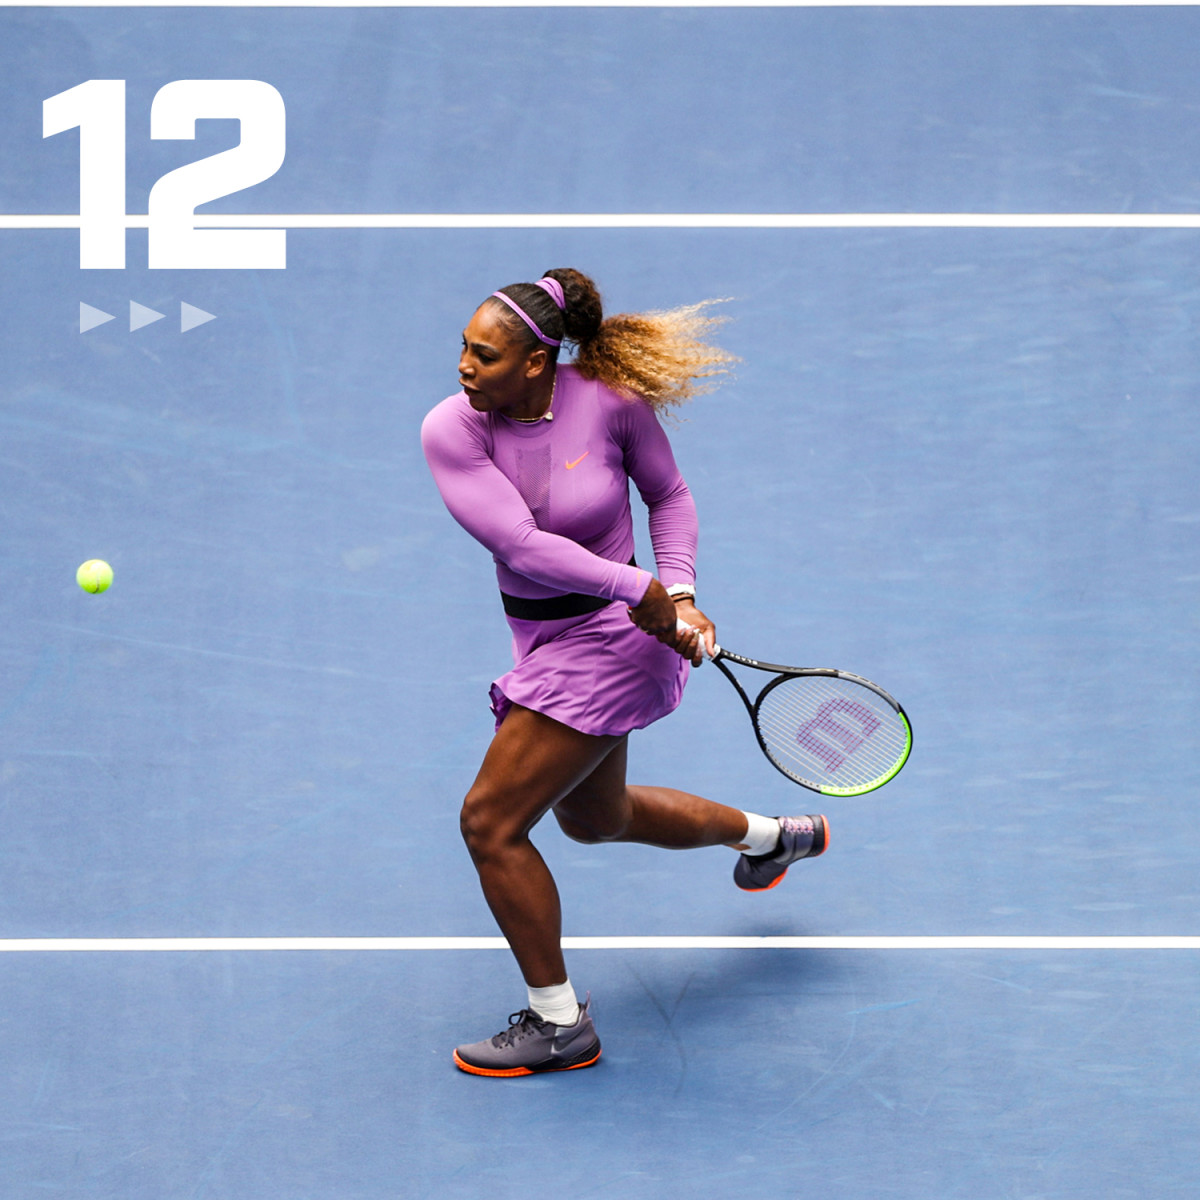 Serena_Williams_02_GRAPHIC_F12